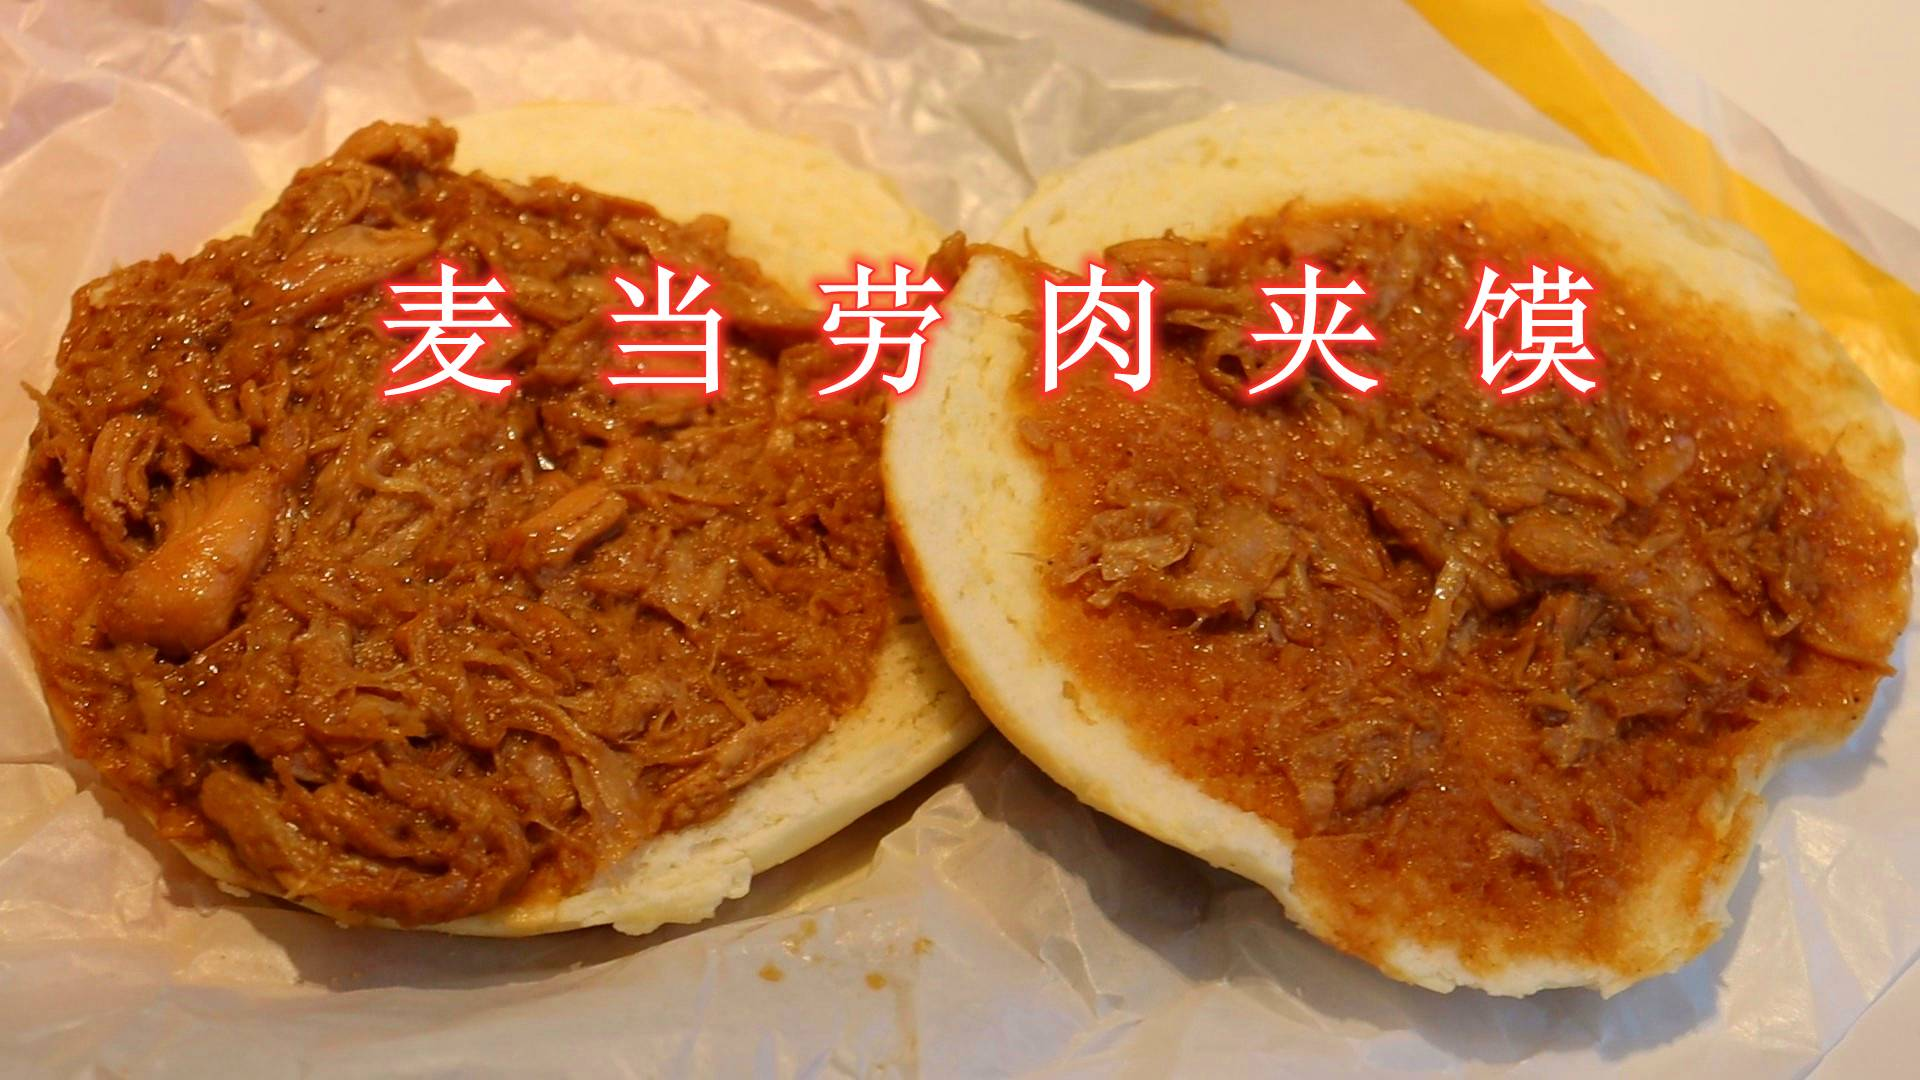 血亏又是智商税?麦当劳的金牌肉夹馍,你们觉得看起来咋样?